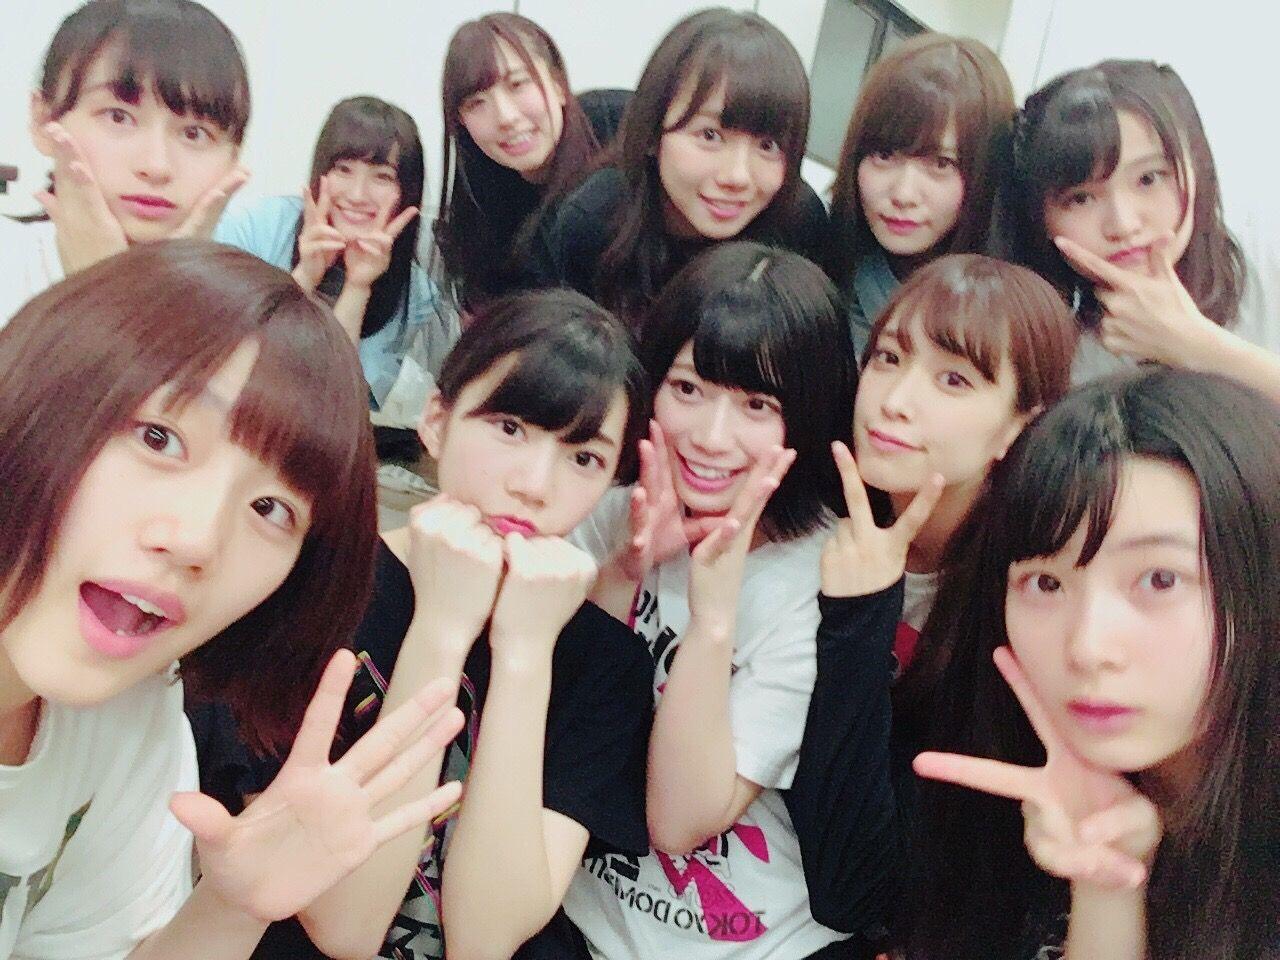 ひらがなけやき: 【欅坂46】ひらがなけやきも21人になったわけだが、キャプテン